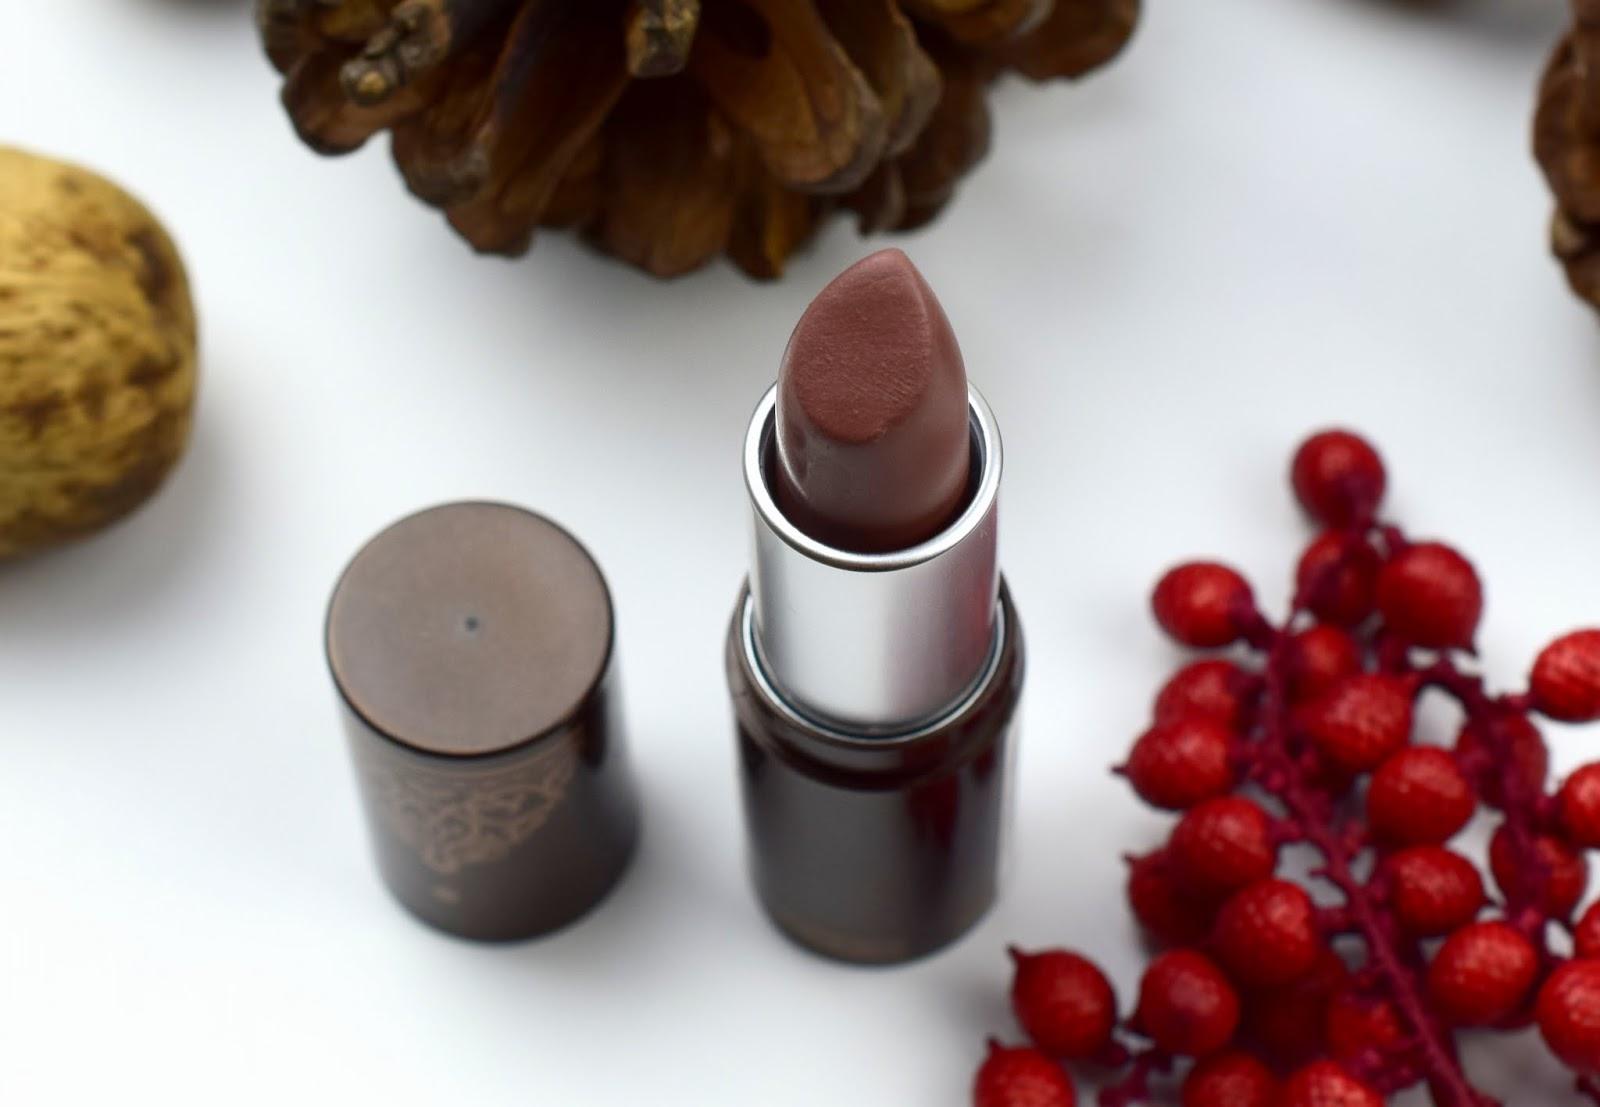 Lippenstifte für den Herbst Blog Post Ideen für den Herbst für deinen Beautyblog.